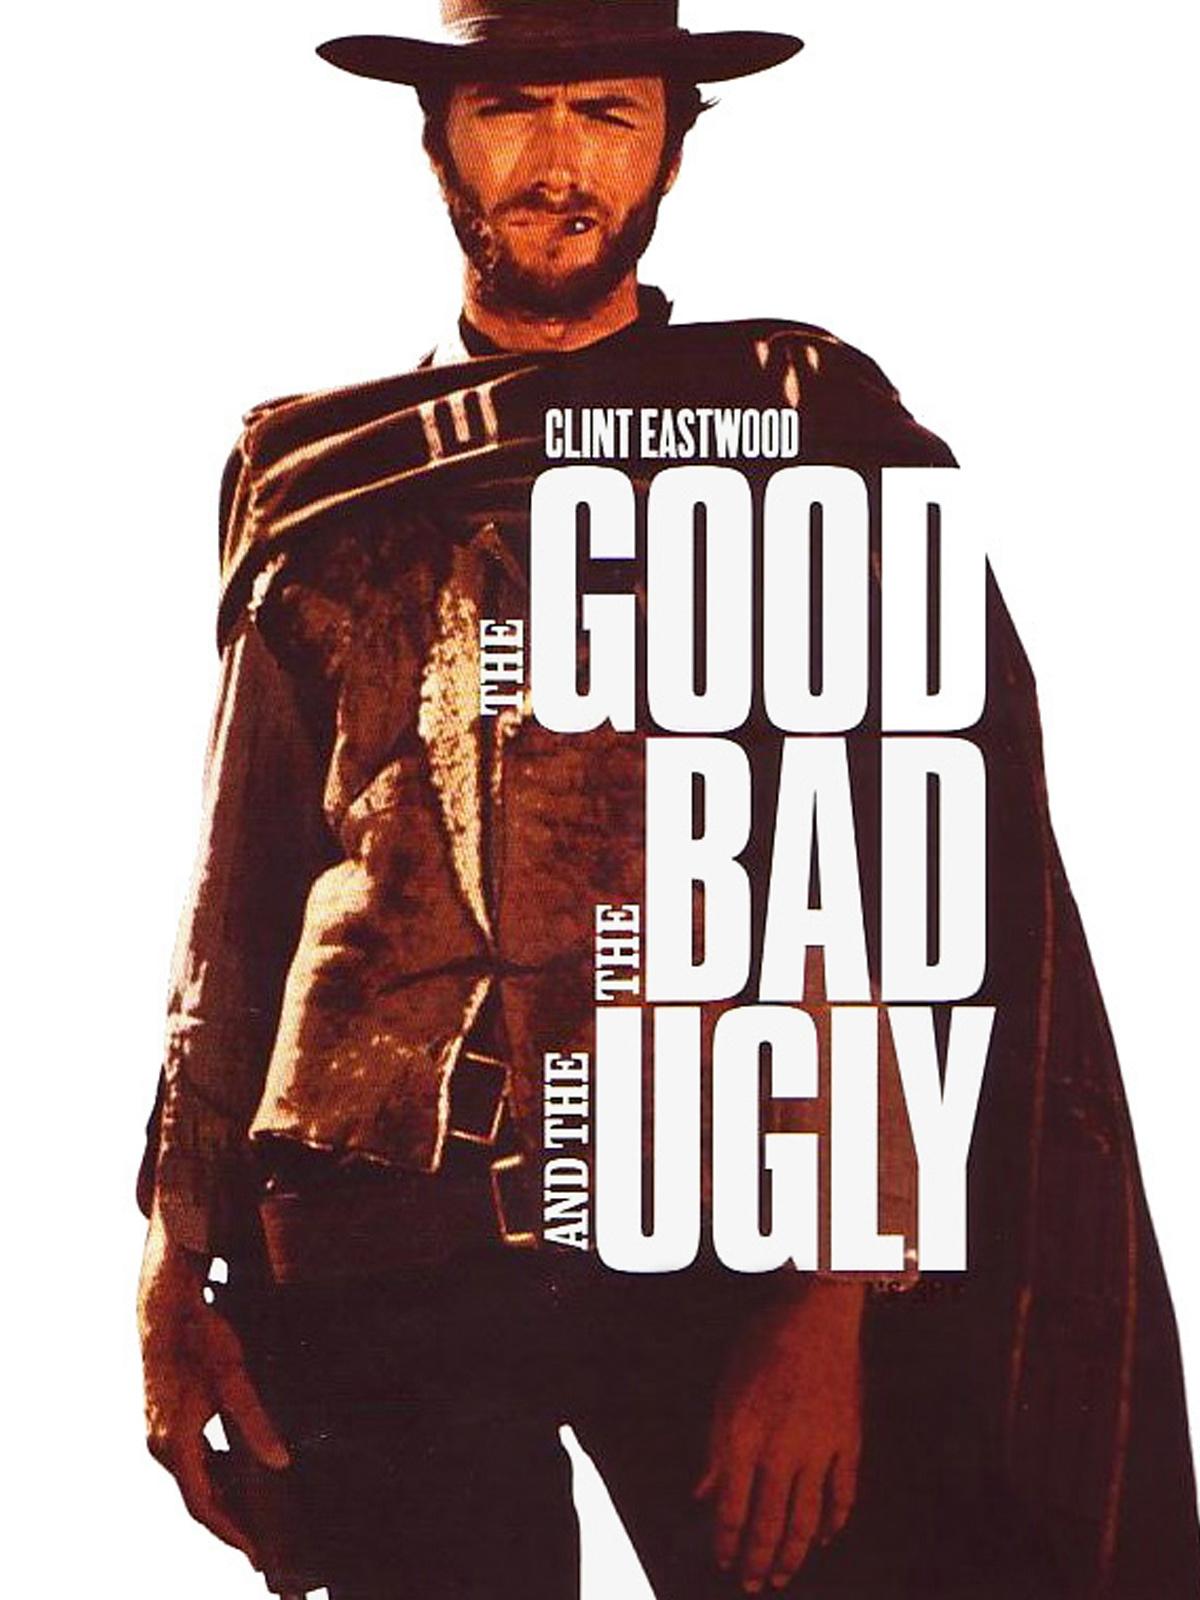 İyi, Kötü Çirkin Film İncelemesi ve yorumları